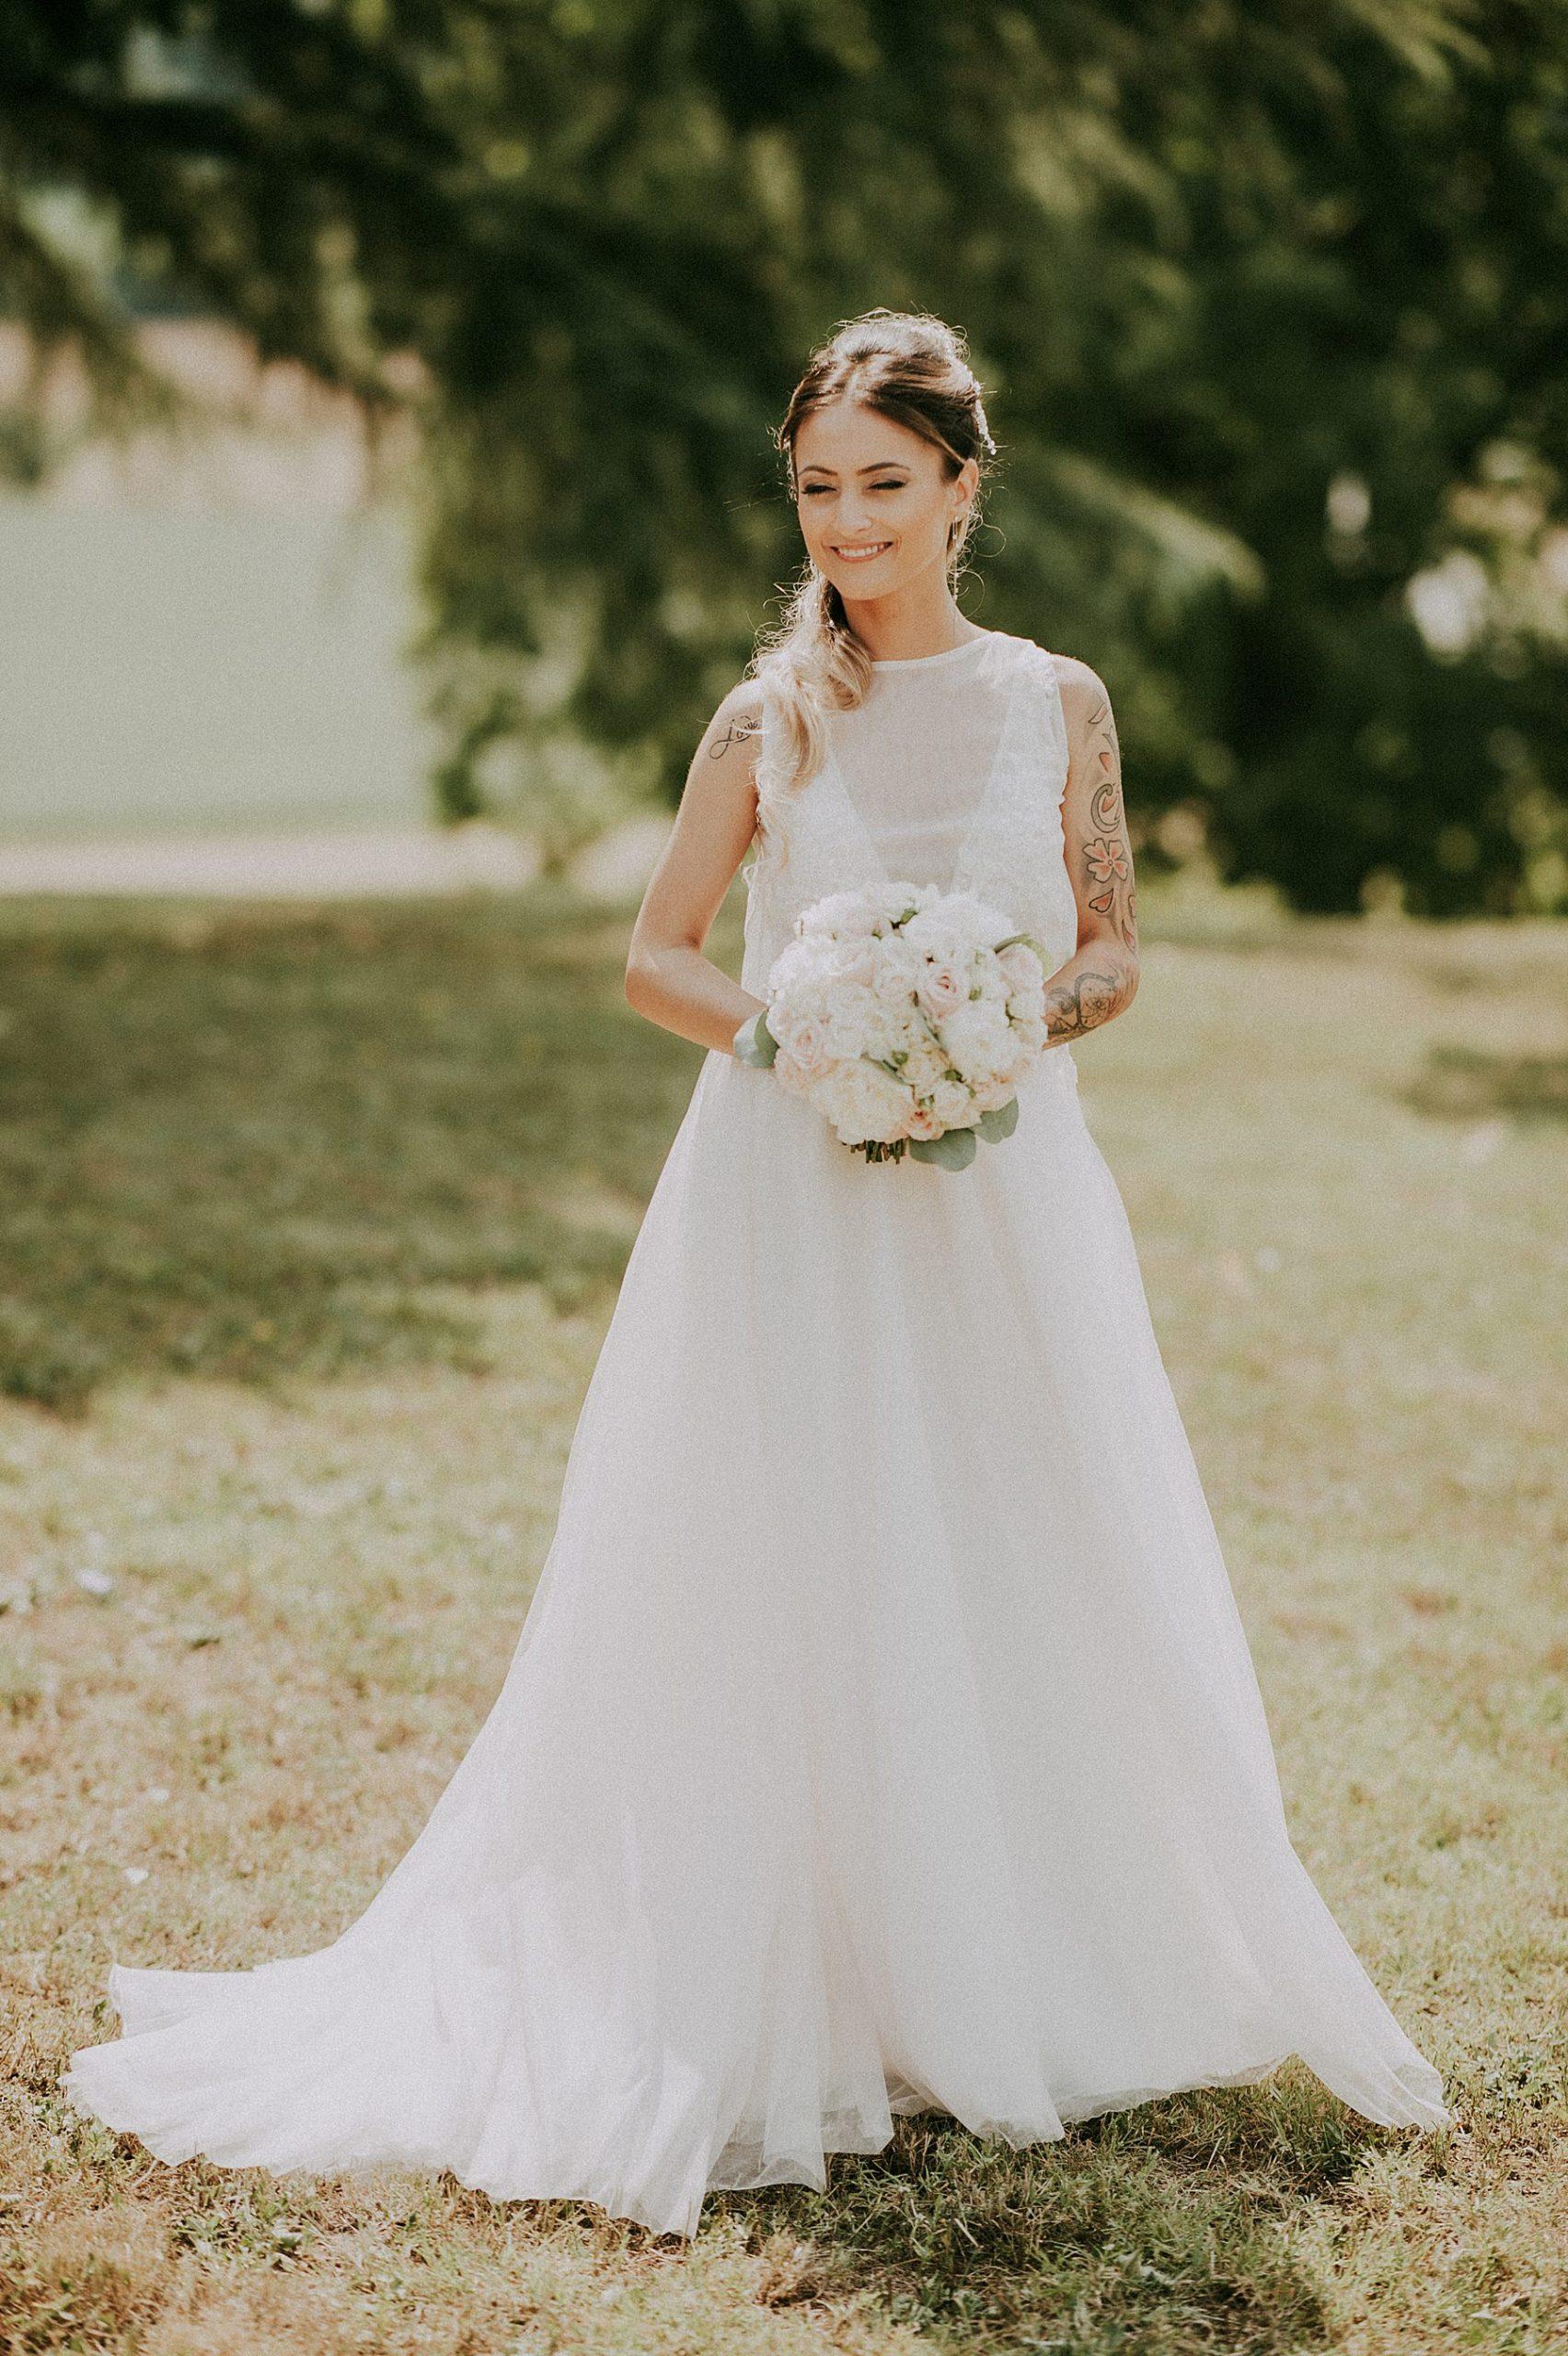 matrimonio mugello sposa con bouquet